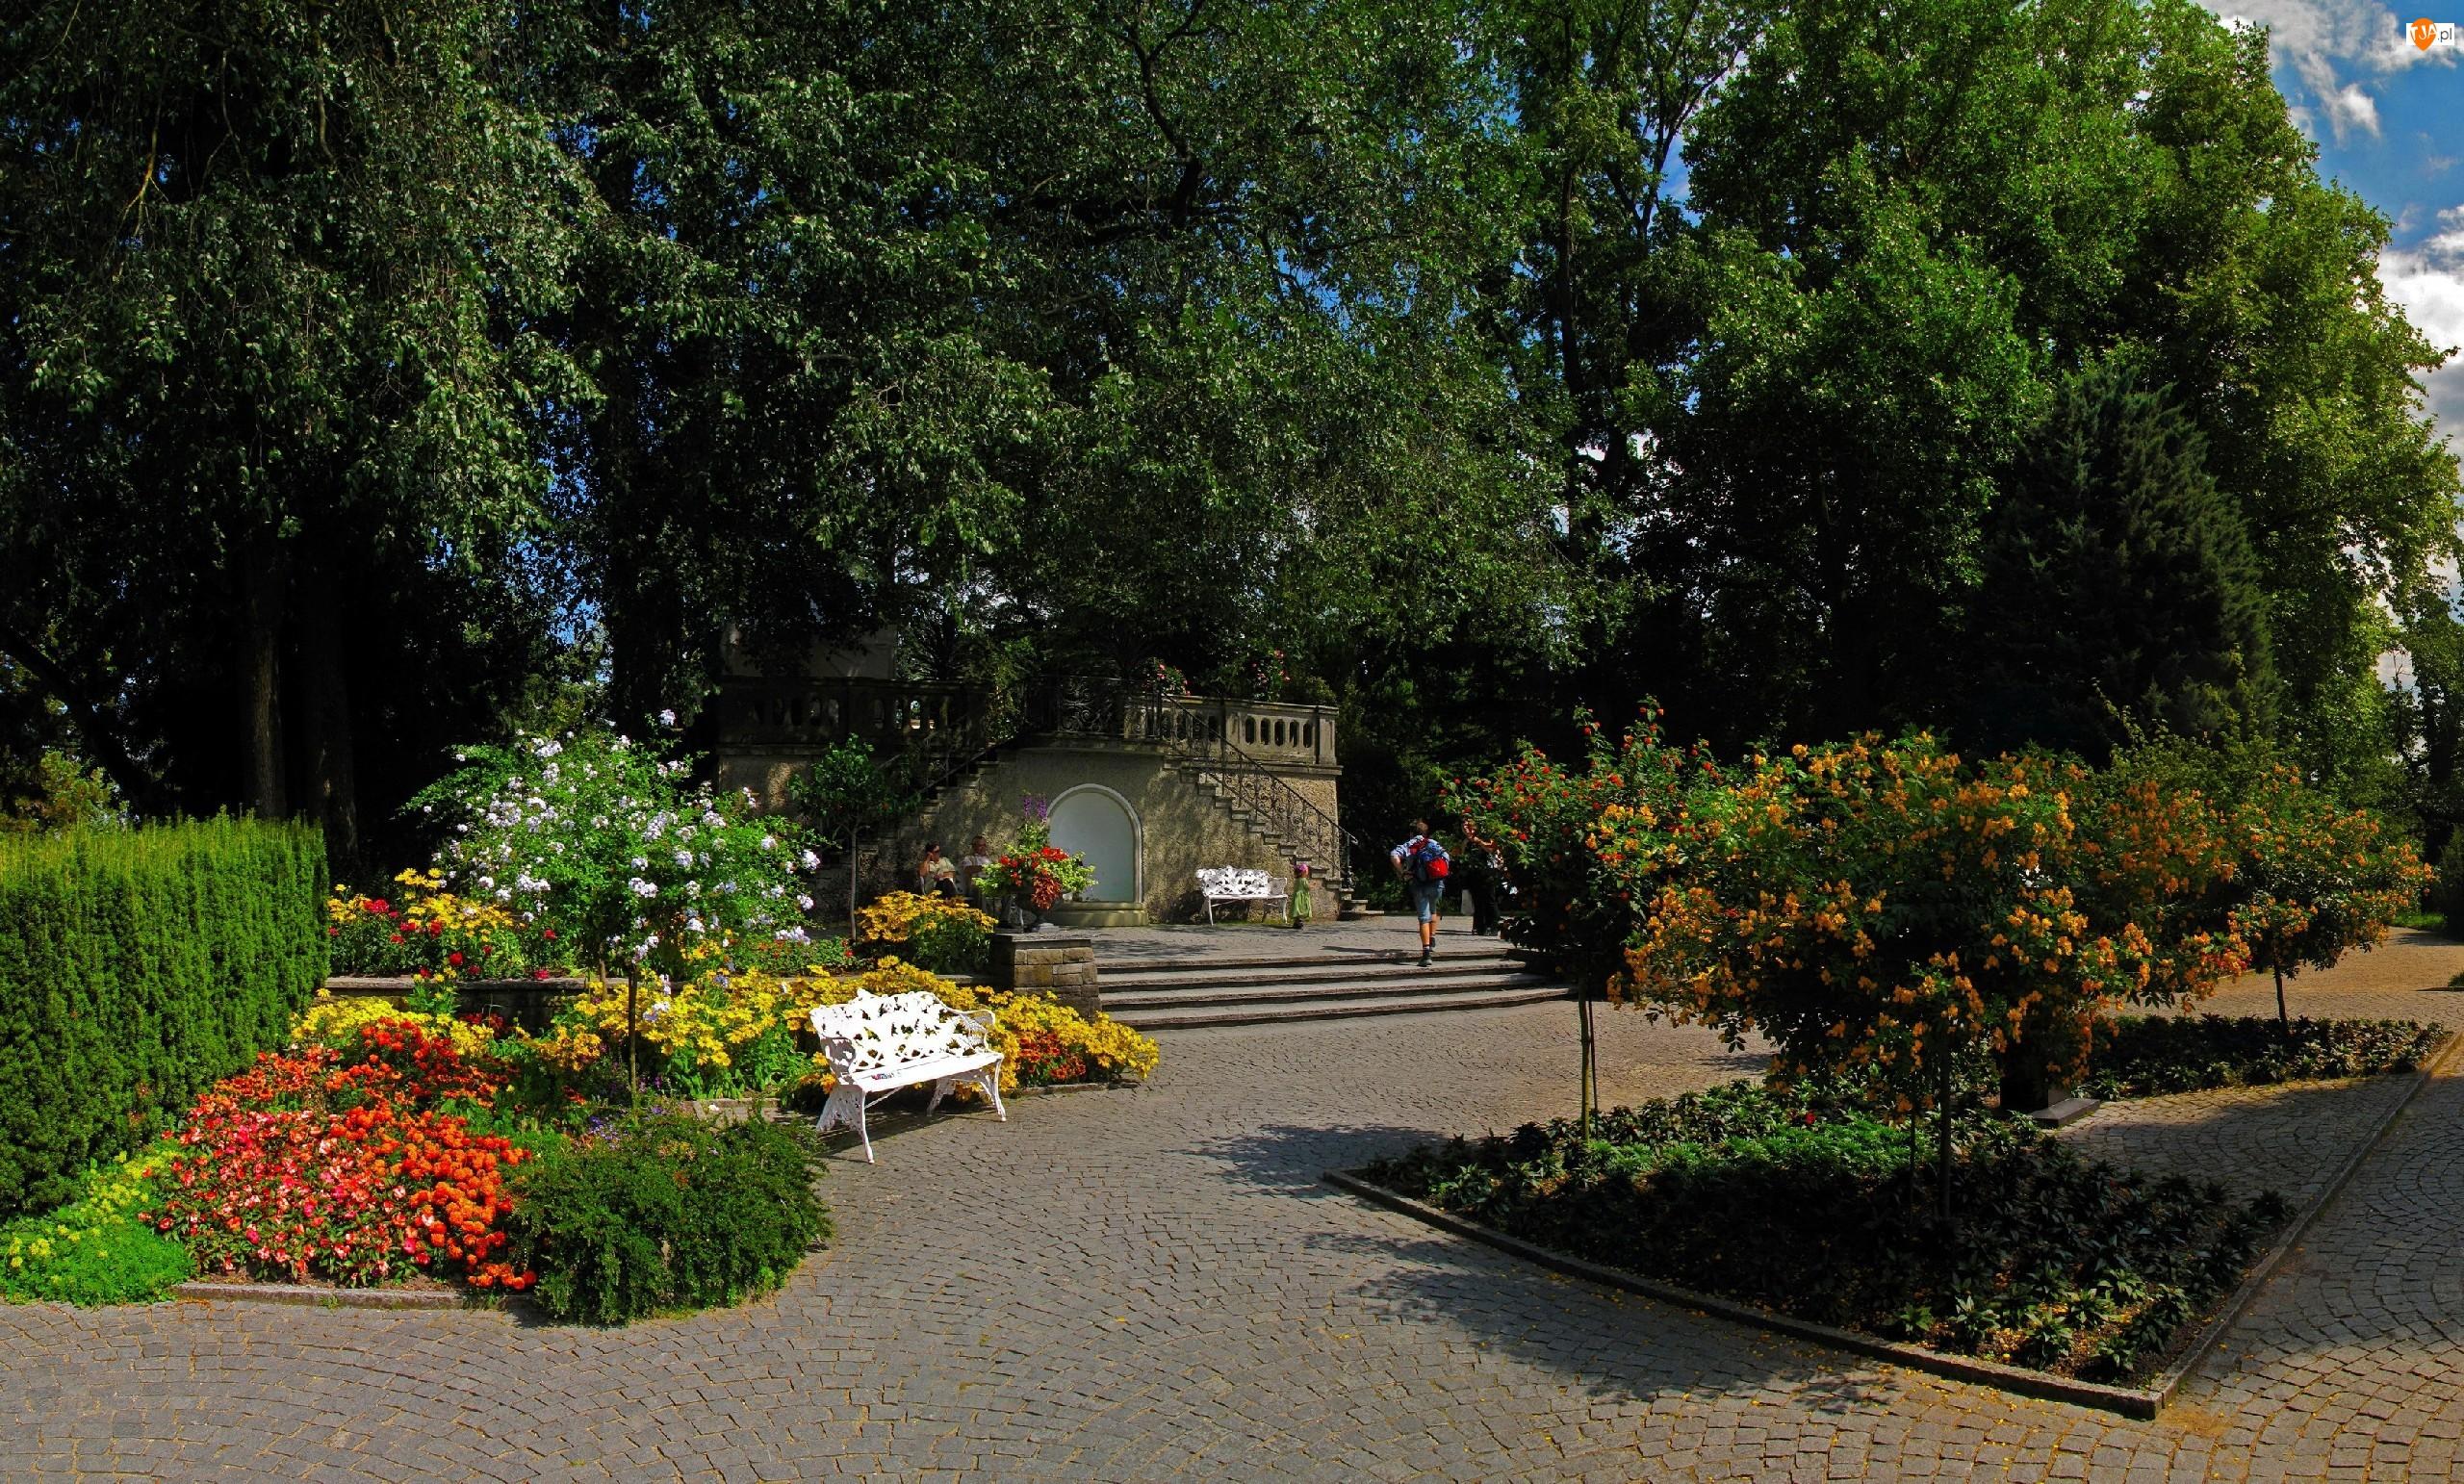 Park, Ławka, Drzewa, Kwiaty